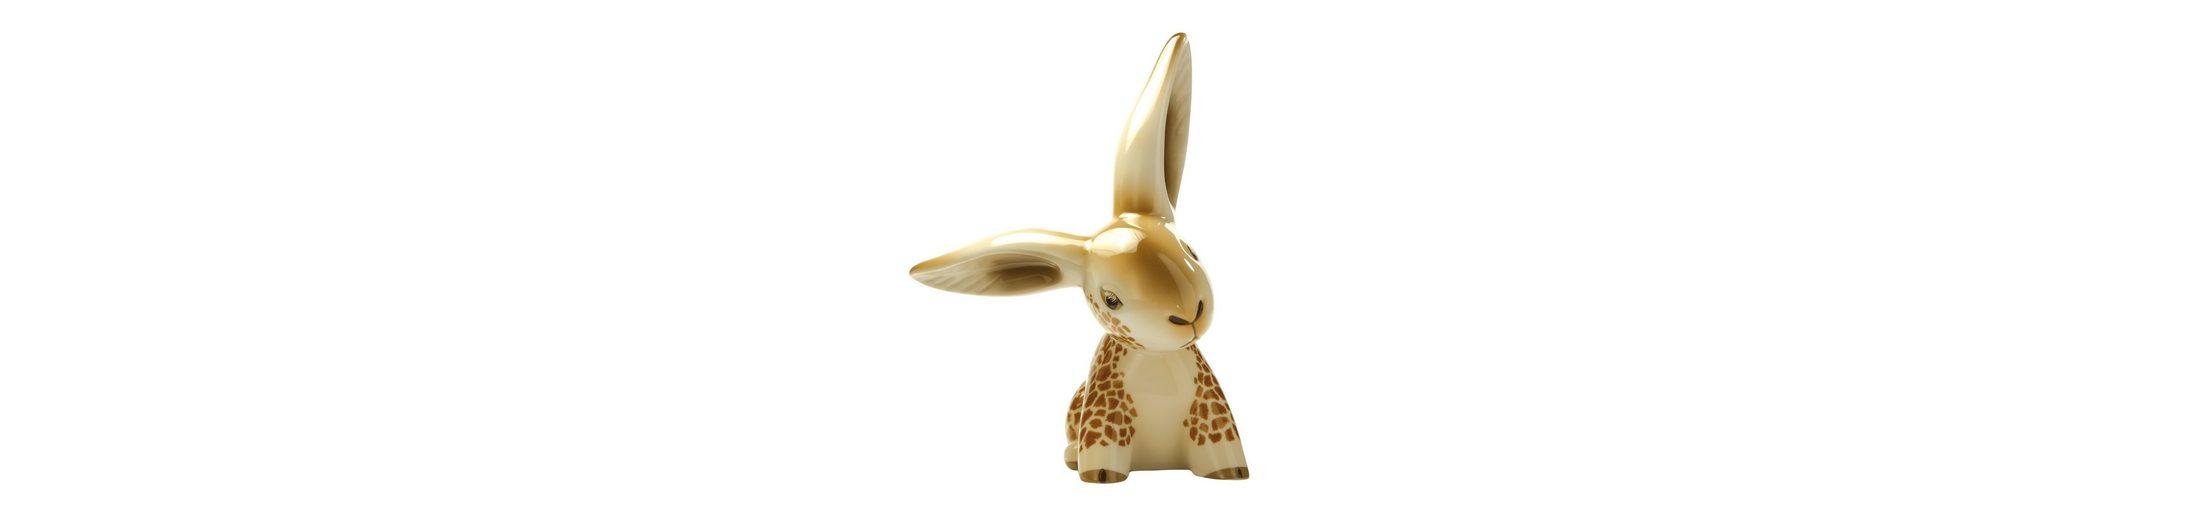 Goebel Giraffe Bunny »Bunny de luxe«